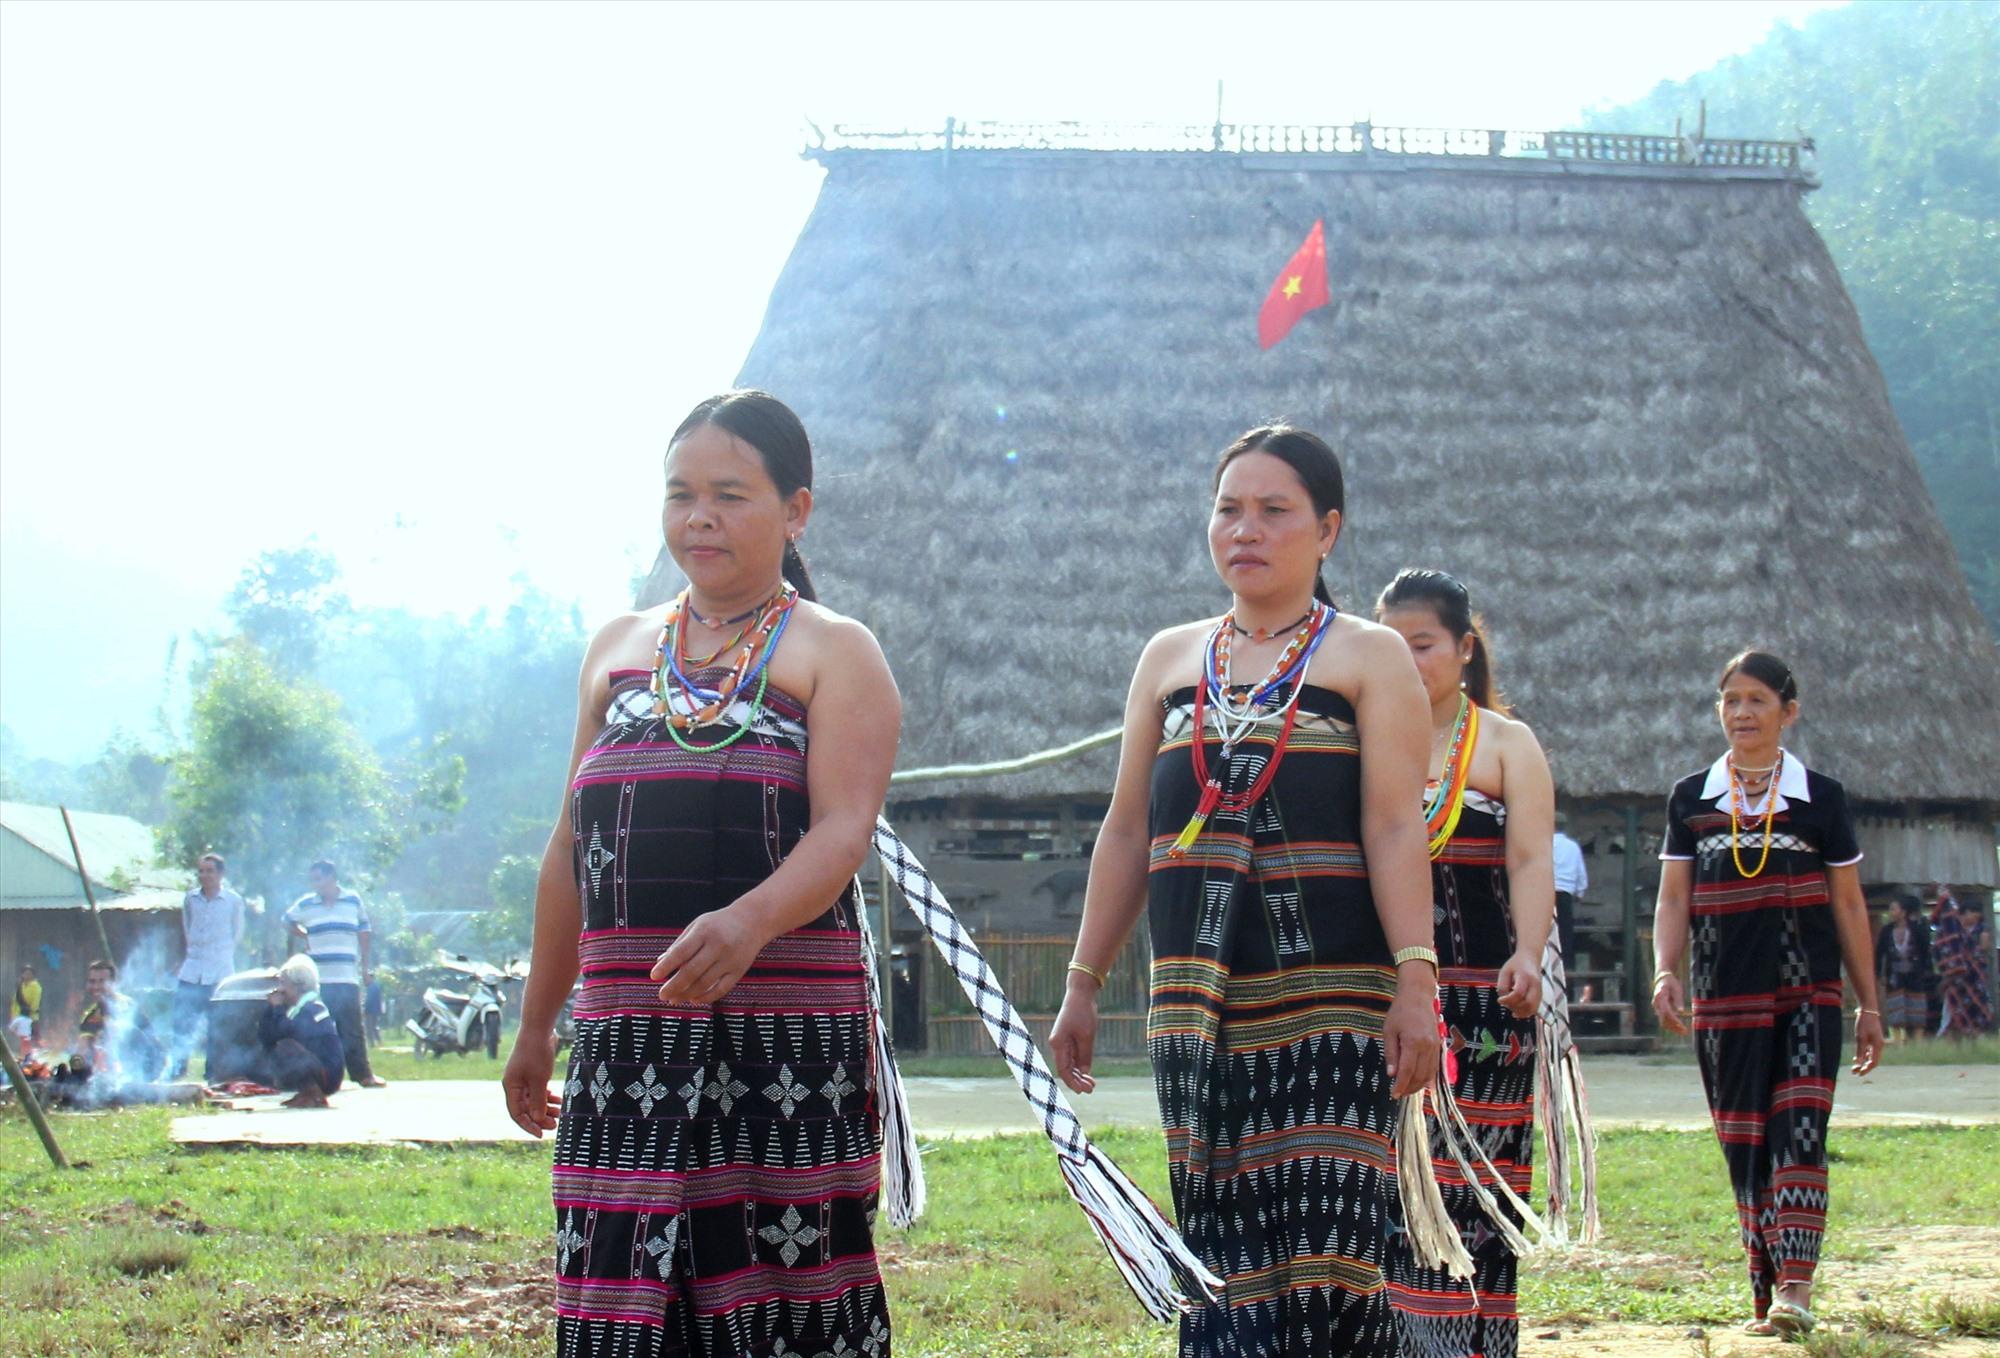 """Phụ nữ Cơ Tu xúng xính trong bộ sắc phục truyền thống, tìm đến hội làng """"tất niên chung"""" vui tết. Ảnh: Đ.N"""